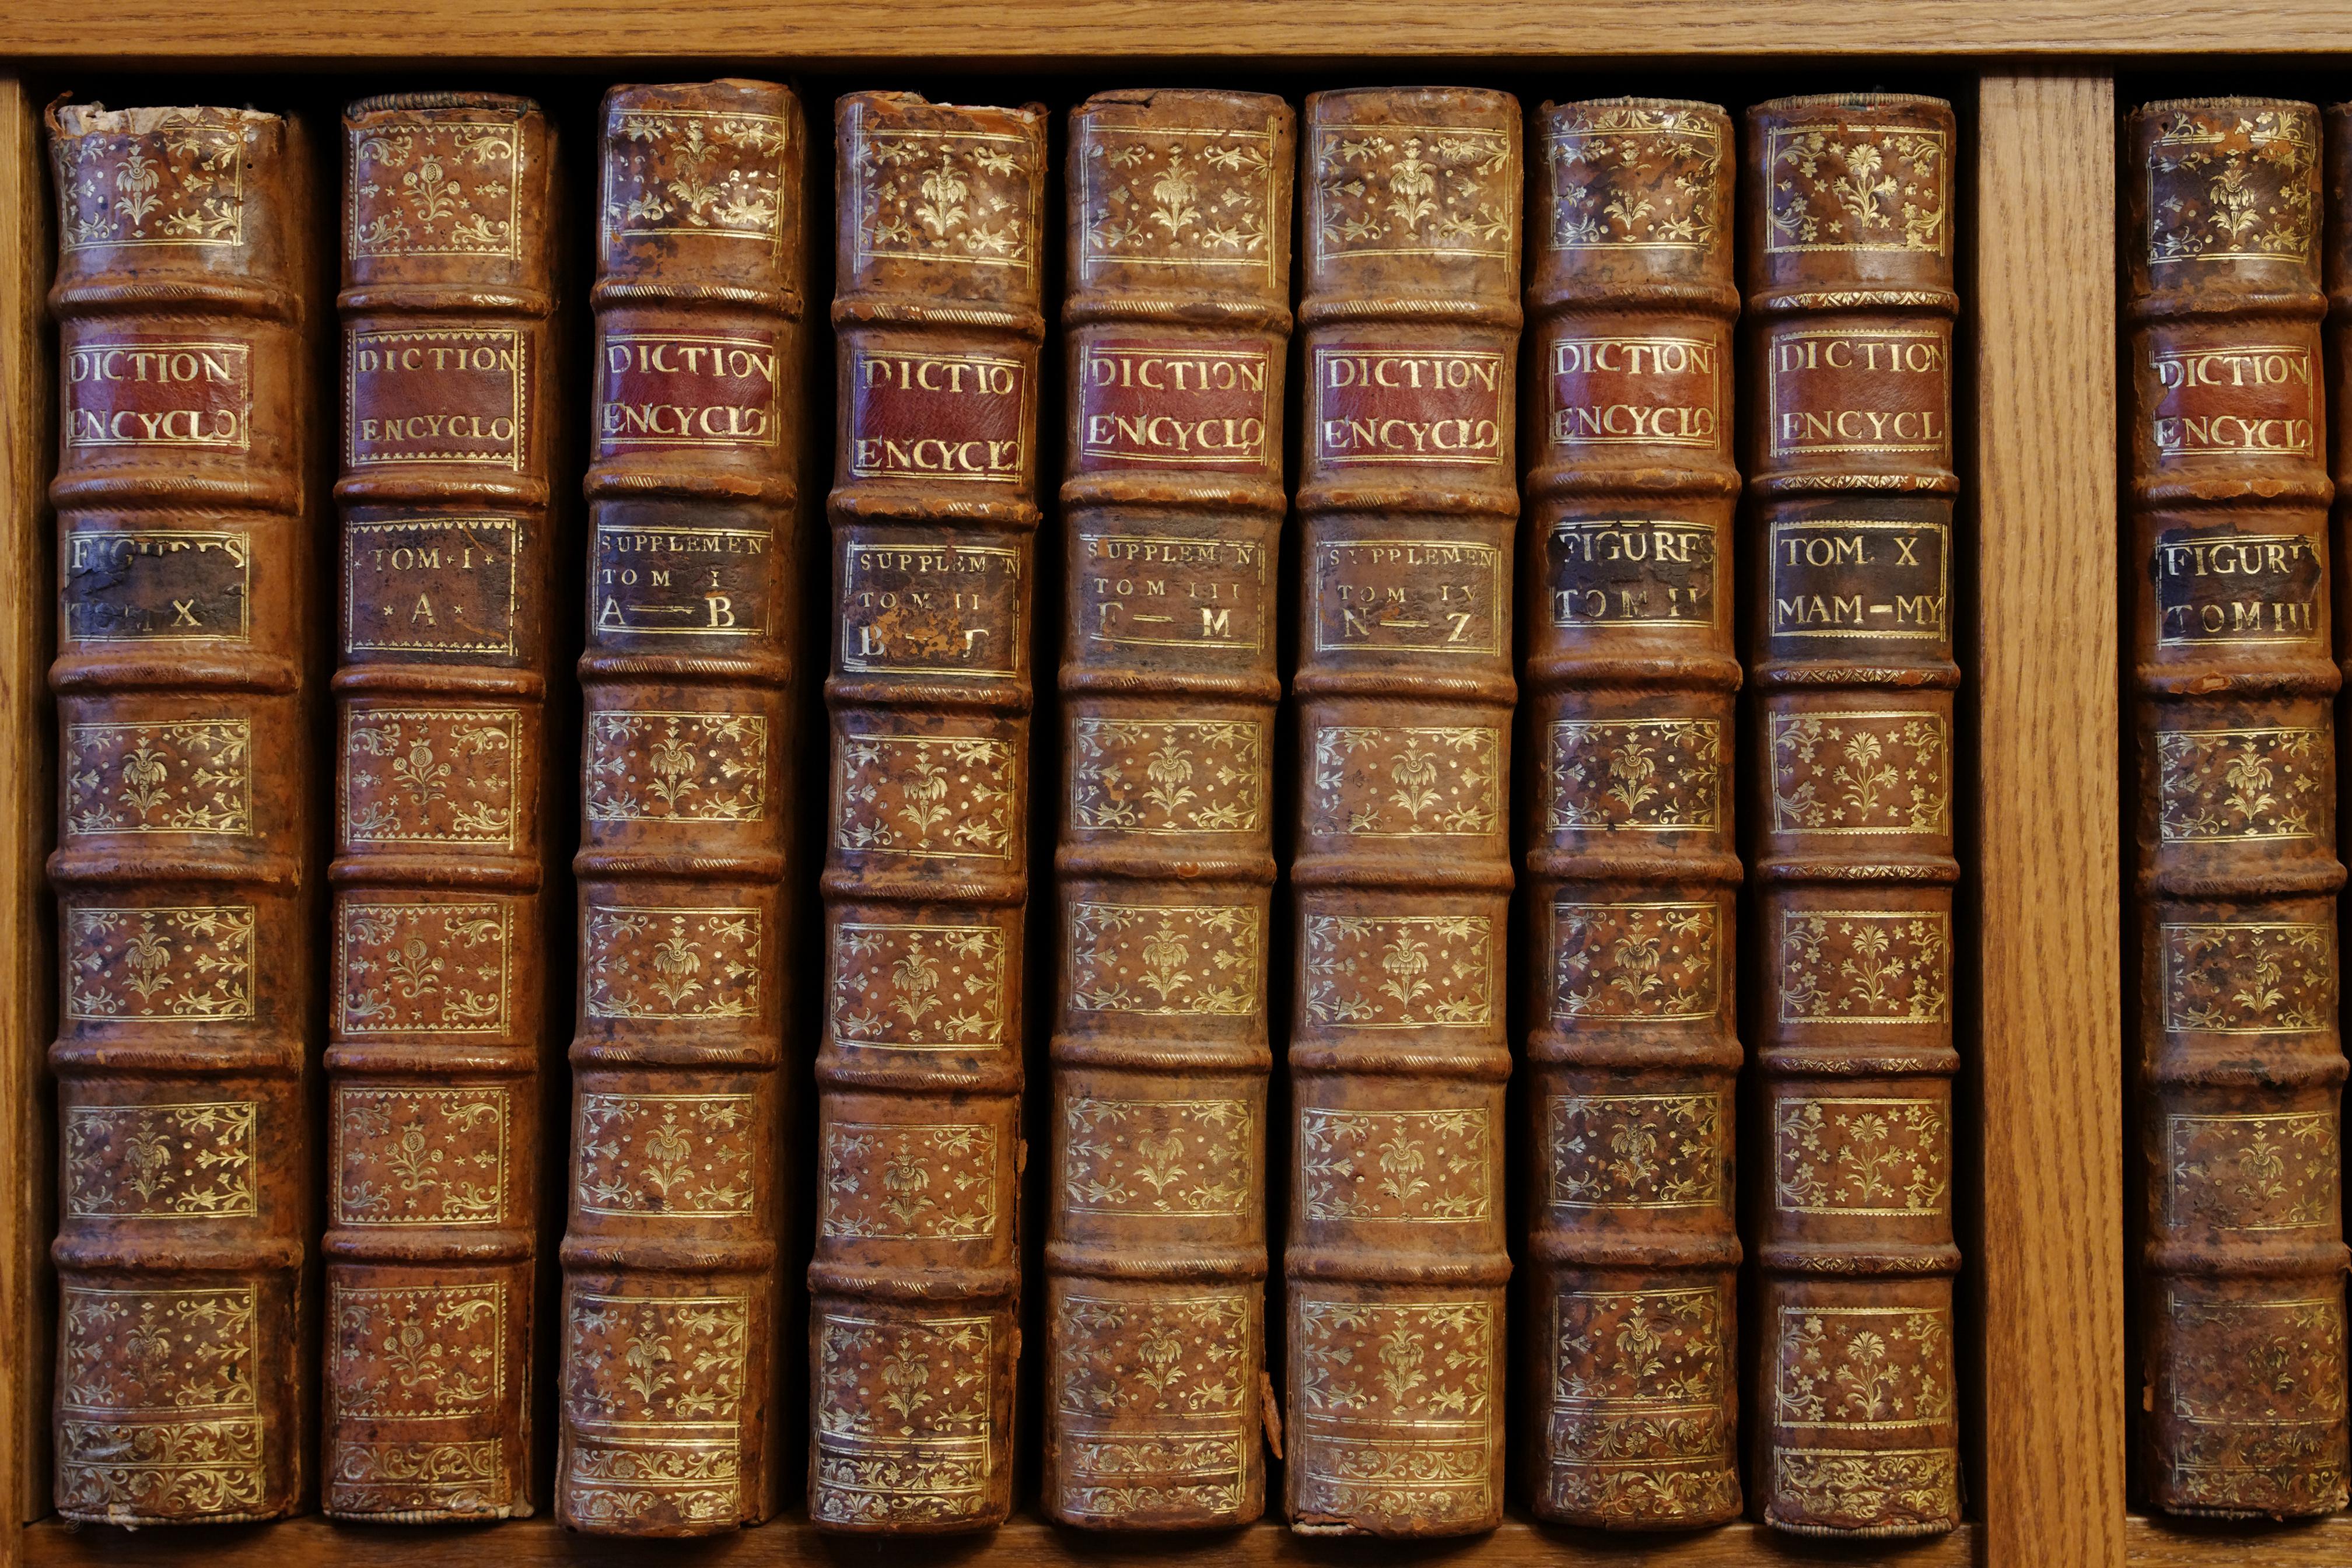 L'Encyclopédie de Diderot et d'Alembert dans les rayonnages du bureau du directeur de l'ENC